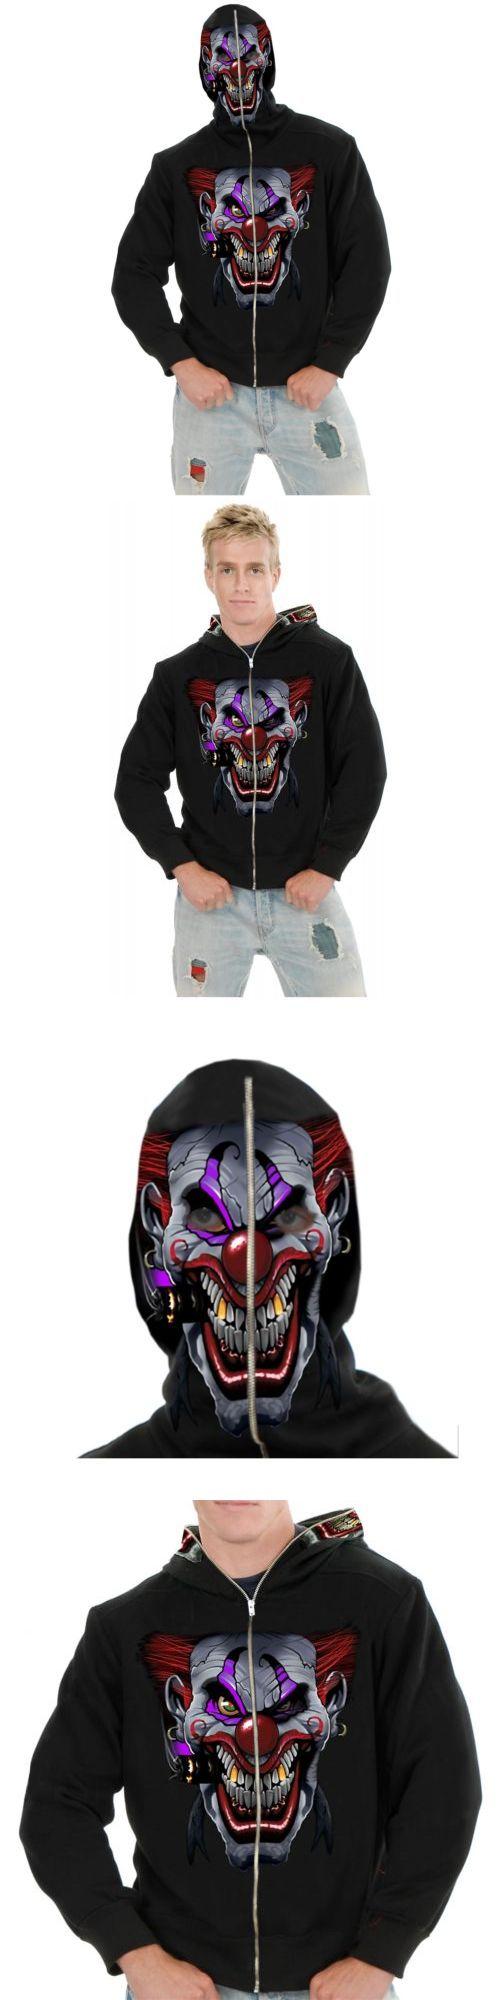 Boys 80913: Hi Ya Roy! Evil Clown Zip-Up Hoodie See-Thru Hood Mask Kids Halloween Costume -> BUY IT NOW ONLY: $38.99 on eBay!